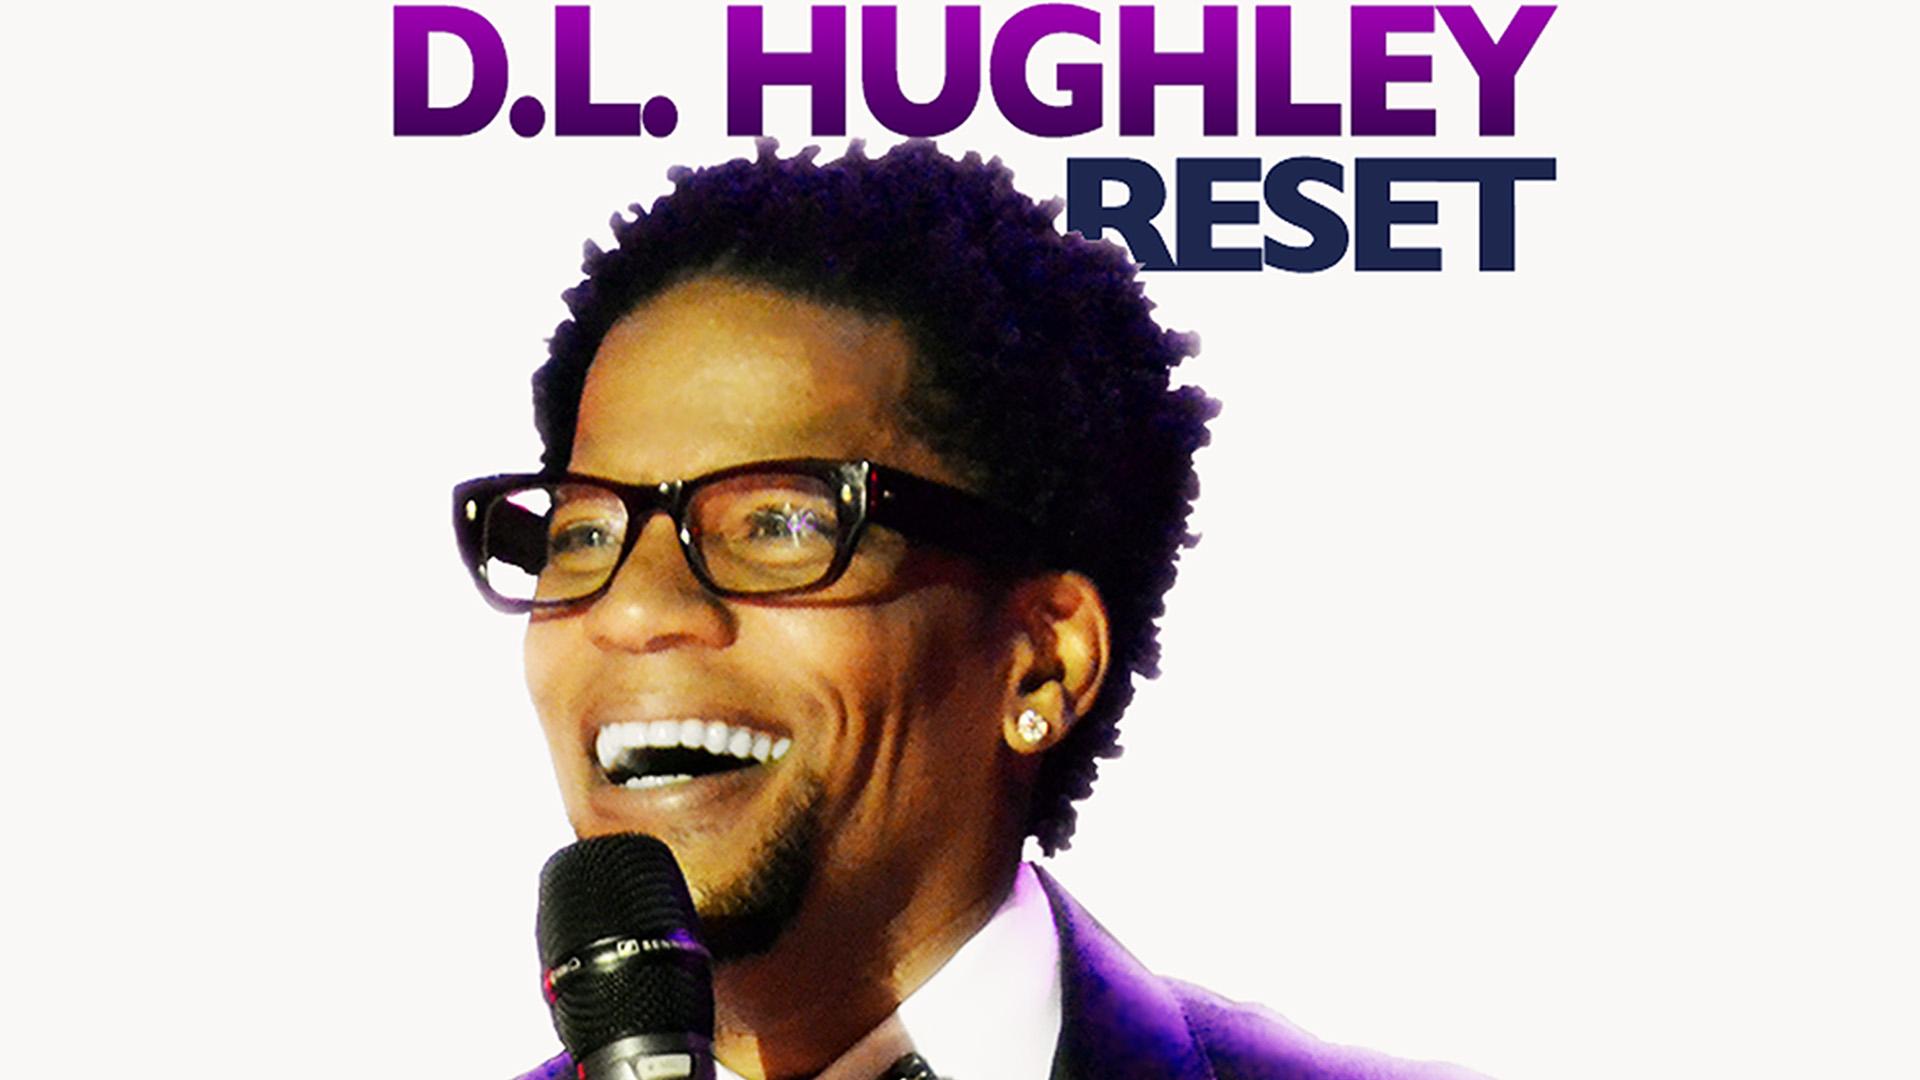 D.L. Hughley: Reset